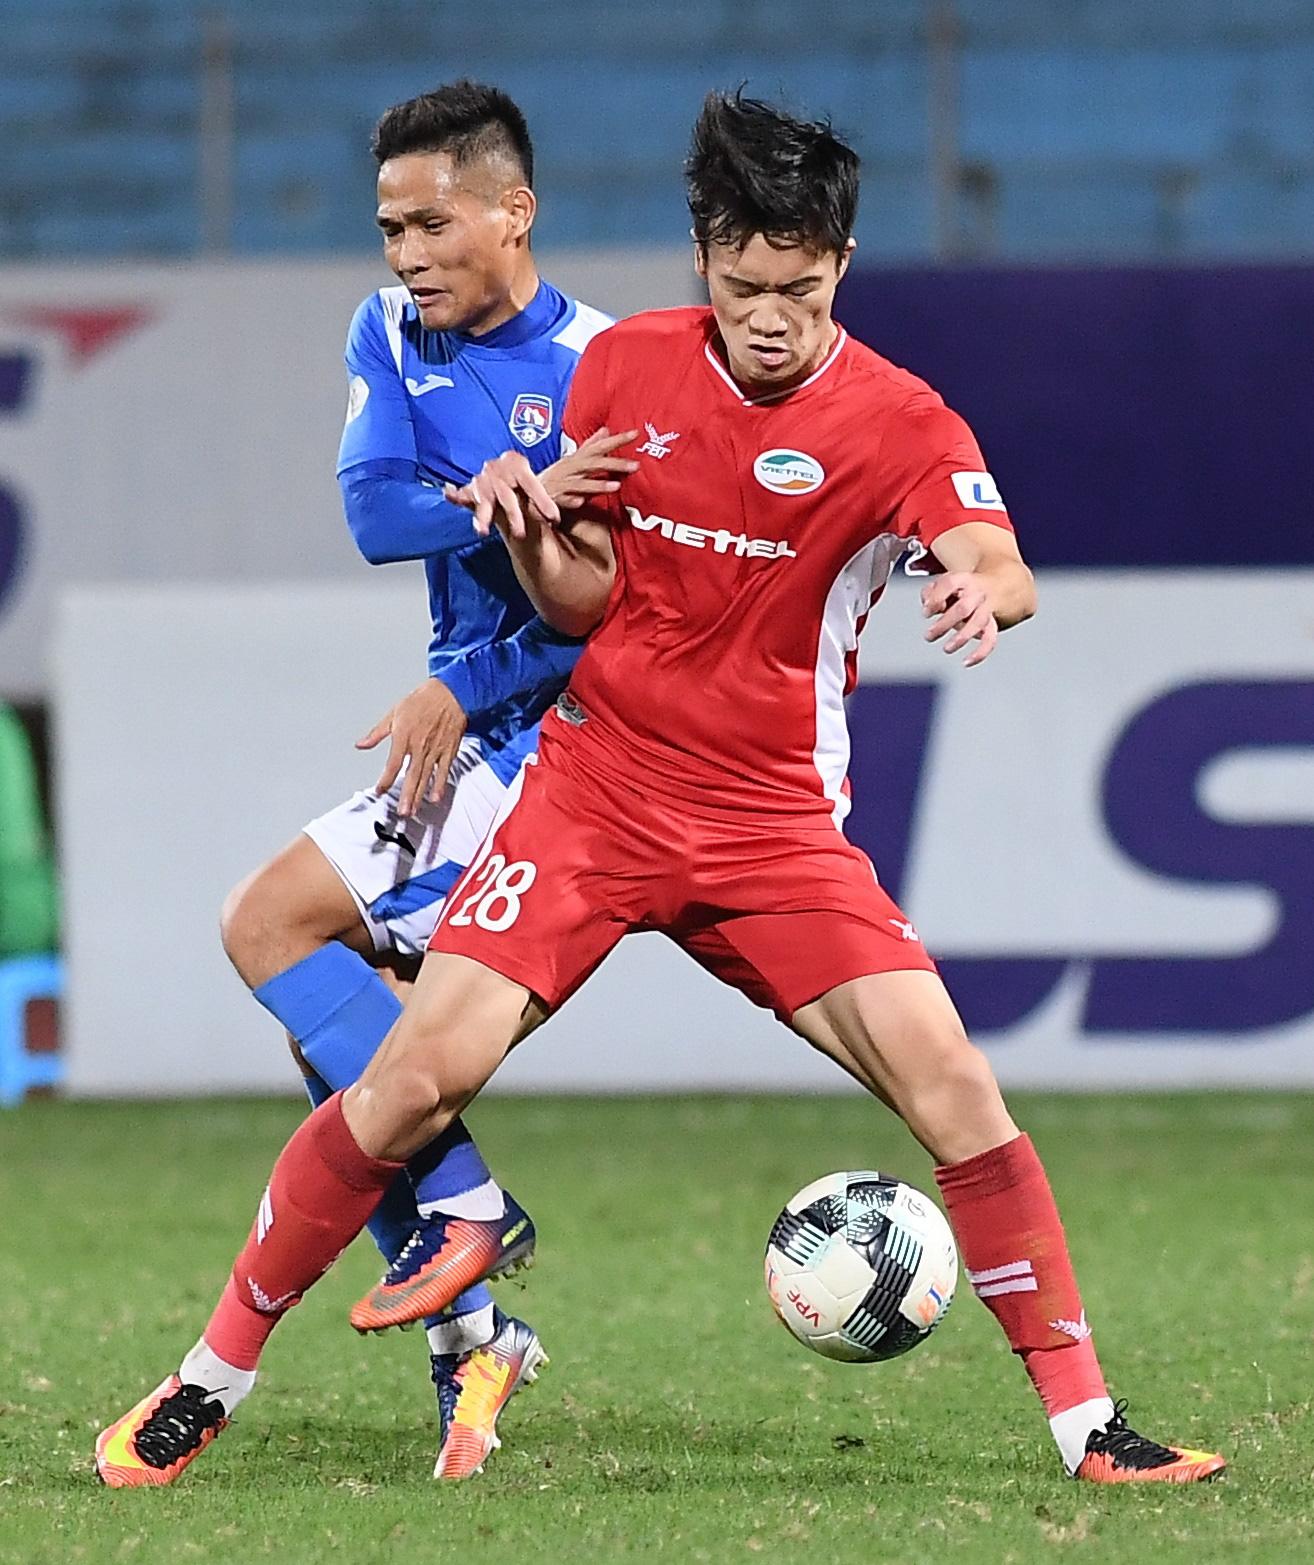 Cầu thủ điển trai được đề cử cho HLV Park Hang-seo khiến tất cả giật mình vì nằm ôm bụng dưới và cái kết thở phào - Ảnh 6.